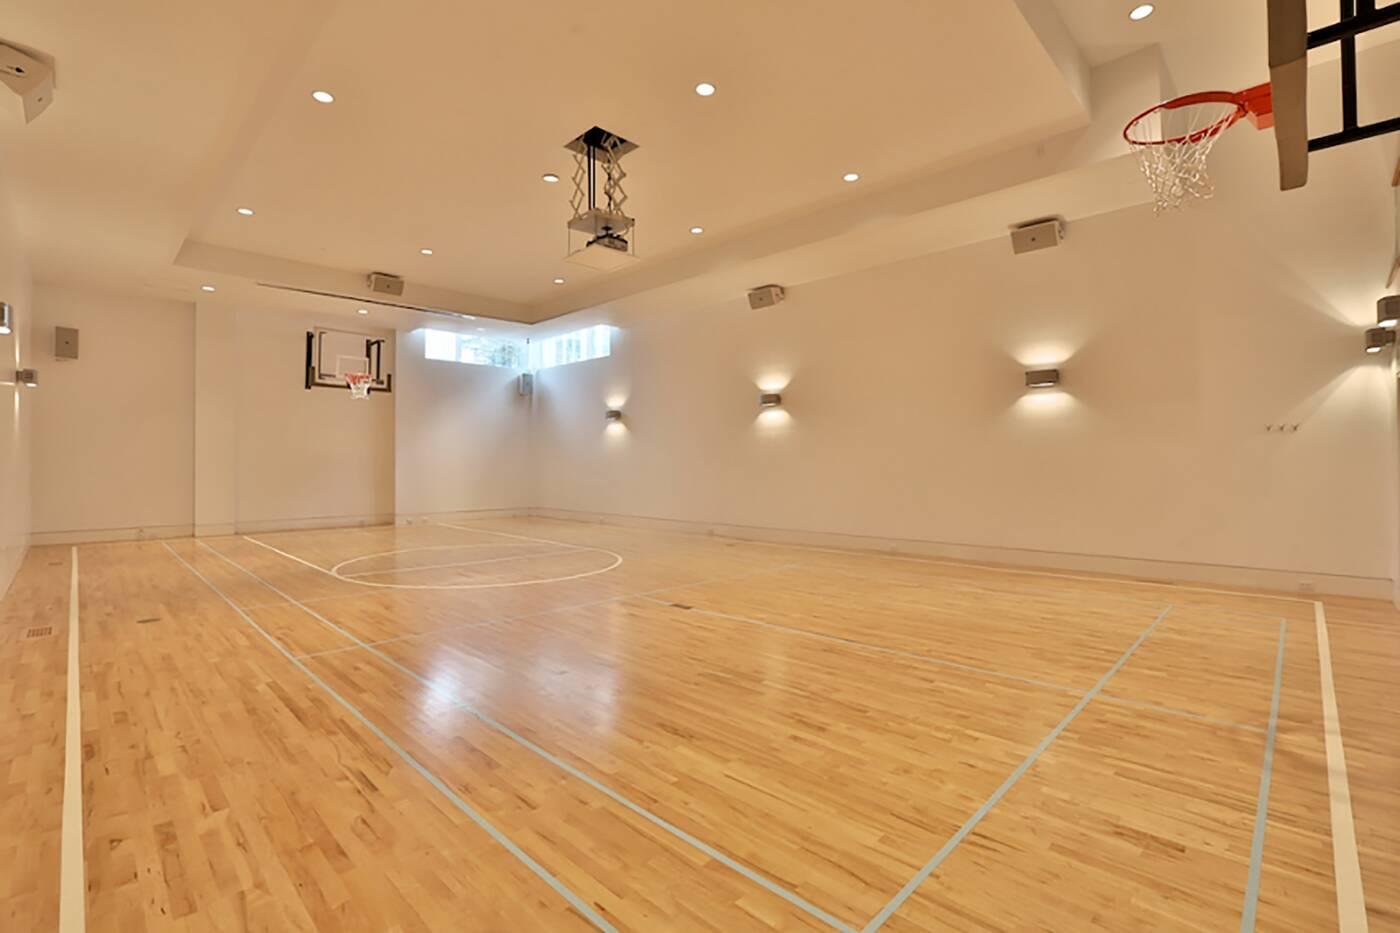 Indoor Basketball Court Ceiling Height Indoor Basketball